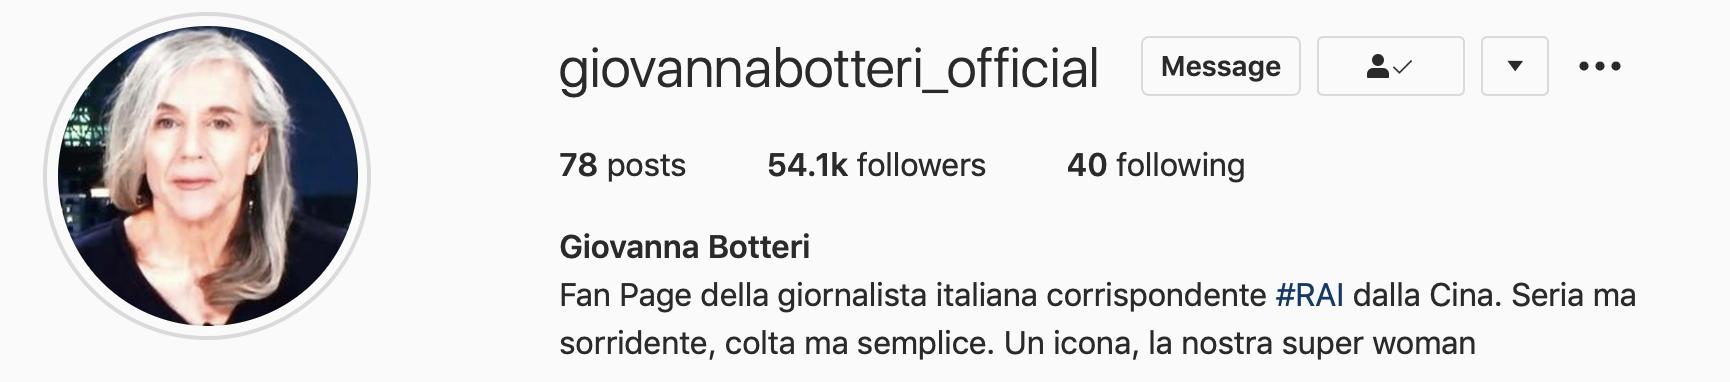 Giovanna Botteri chi è Sanremo ospite